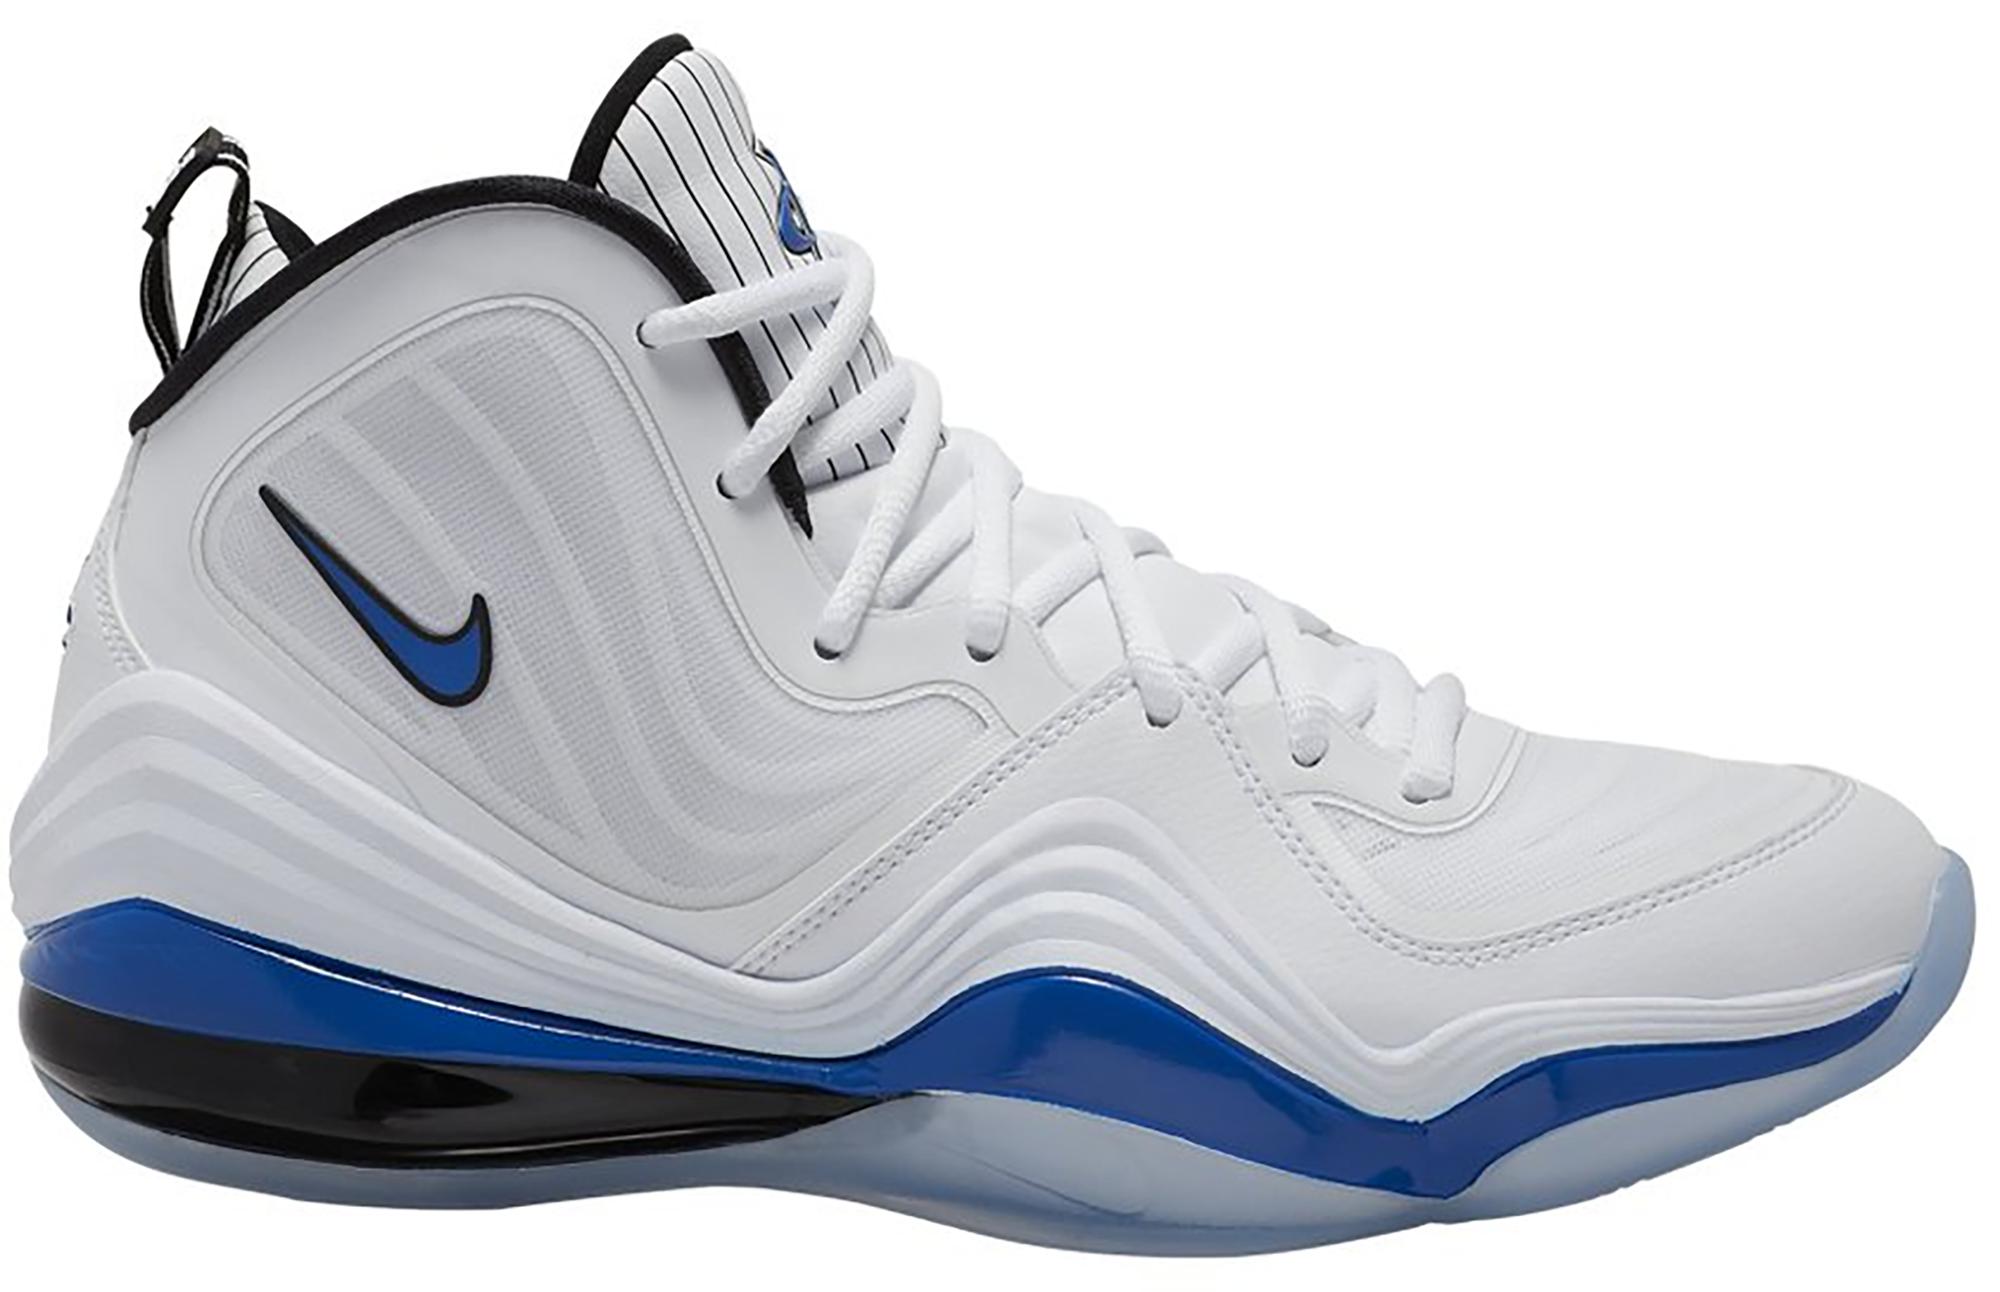 Nike Air Penny 5 Orlando Home - CN0052-100